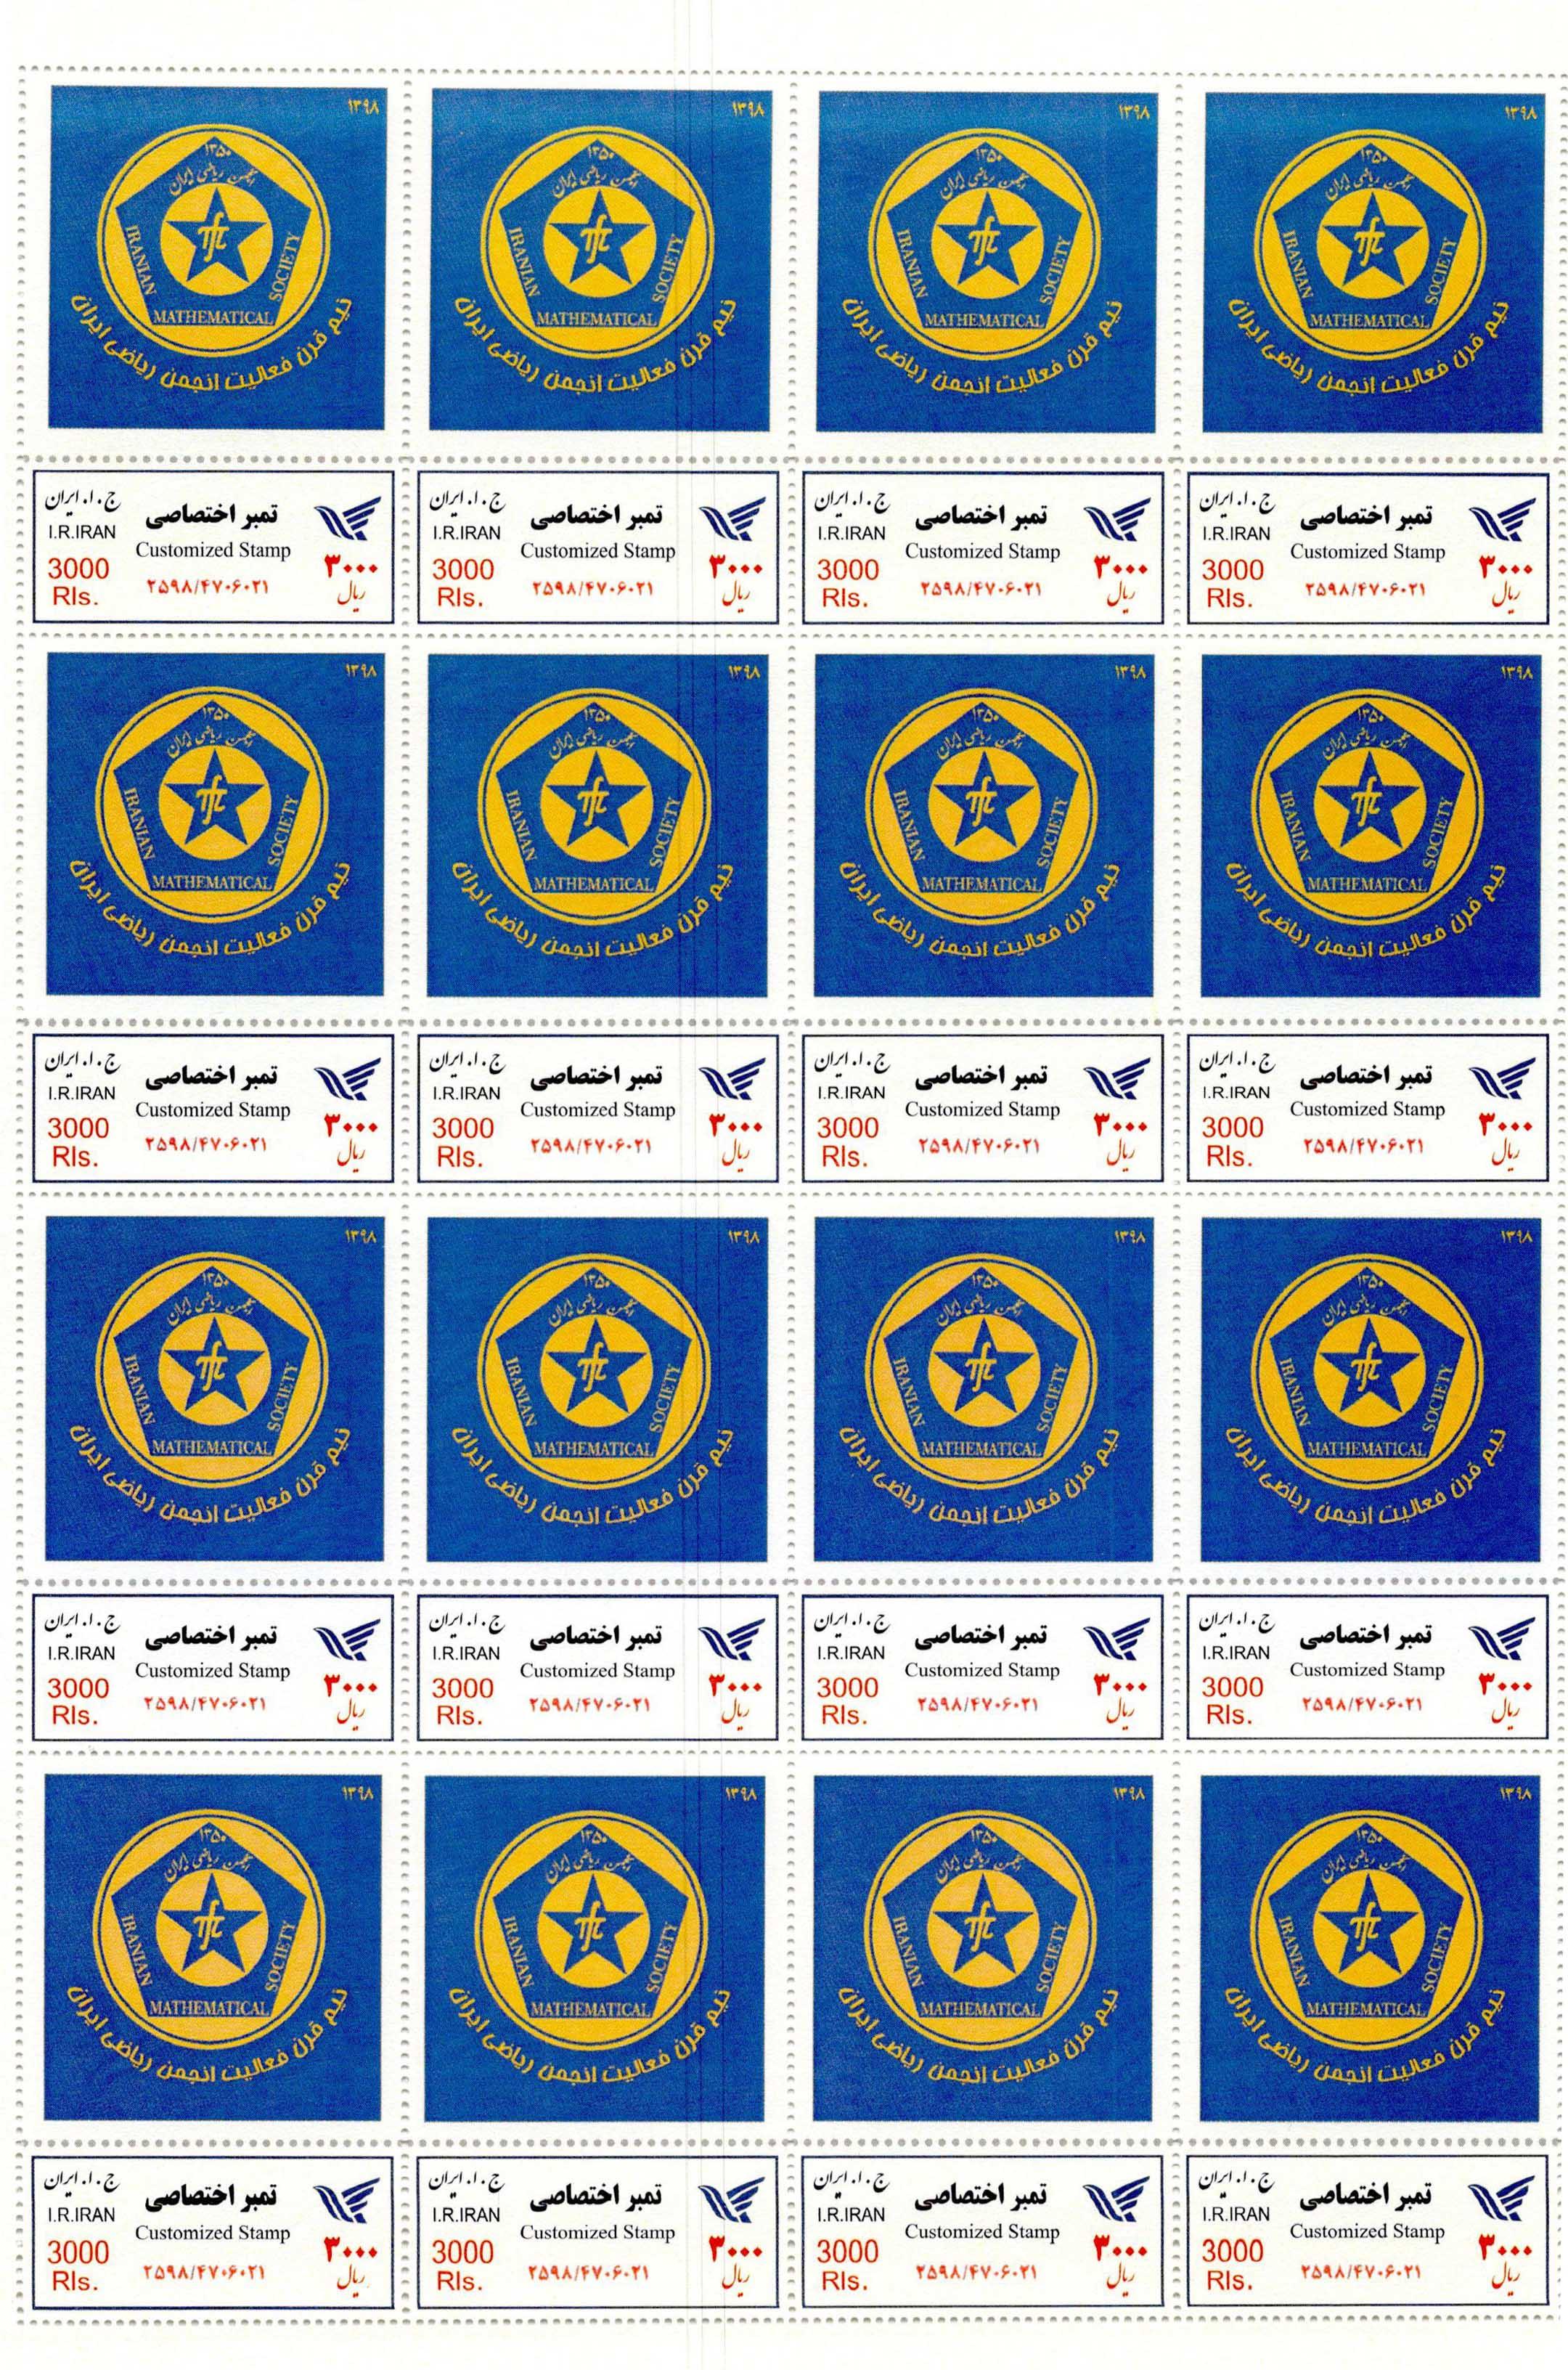 تمبر اختصاصی نیمقرن فعالیت انجمن ریاضی ایران